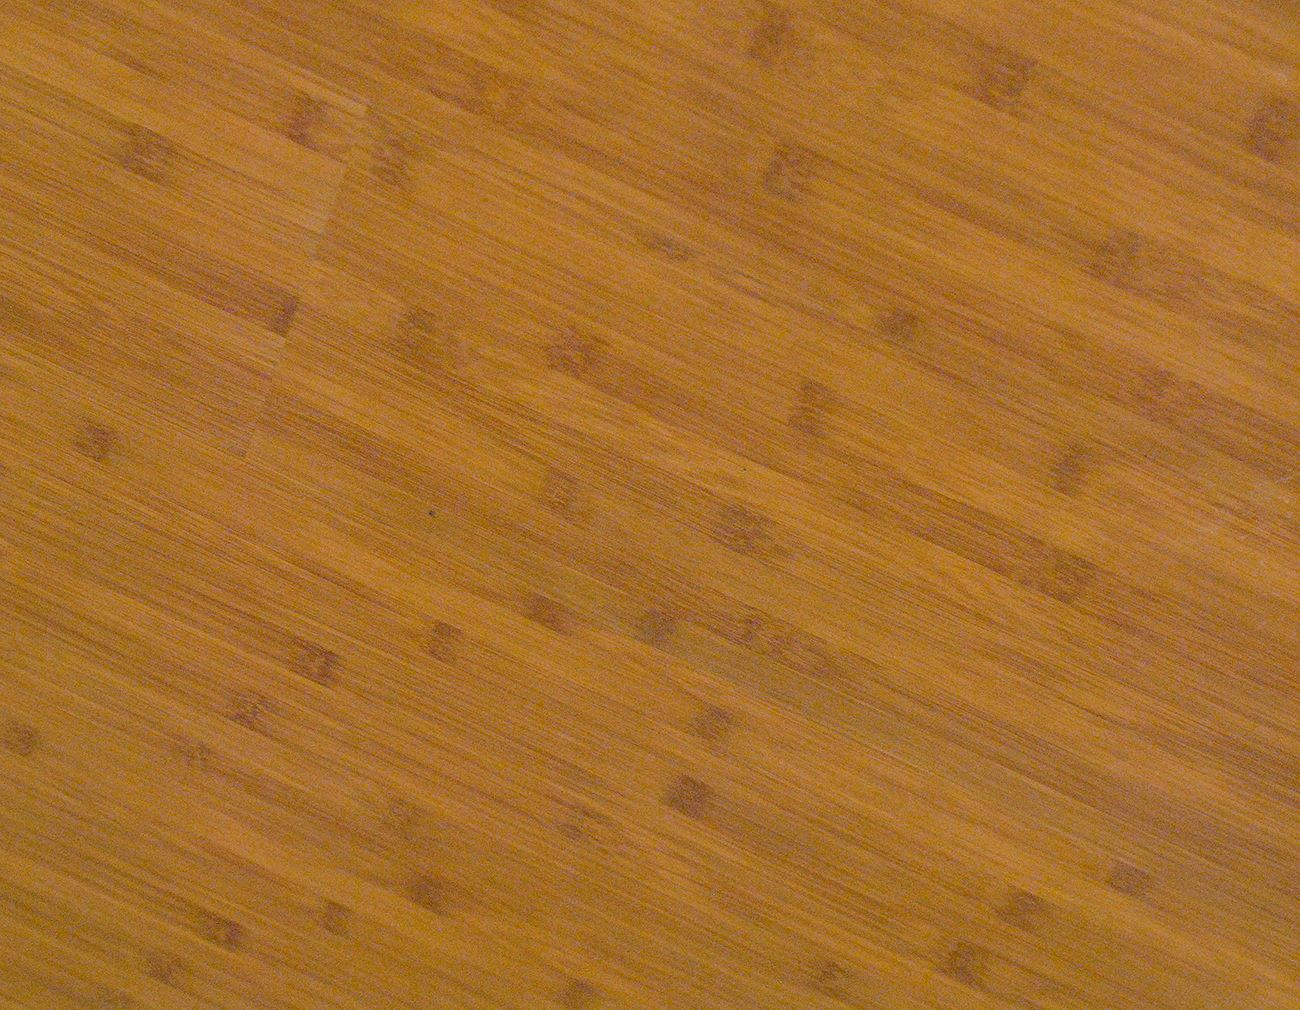 Is Bamboo Flooring Waterproof